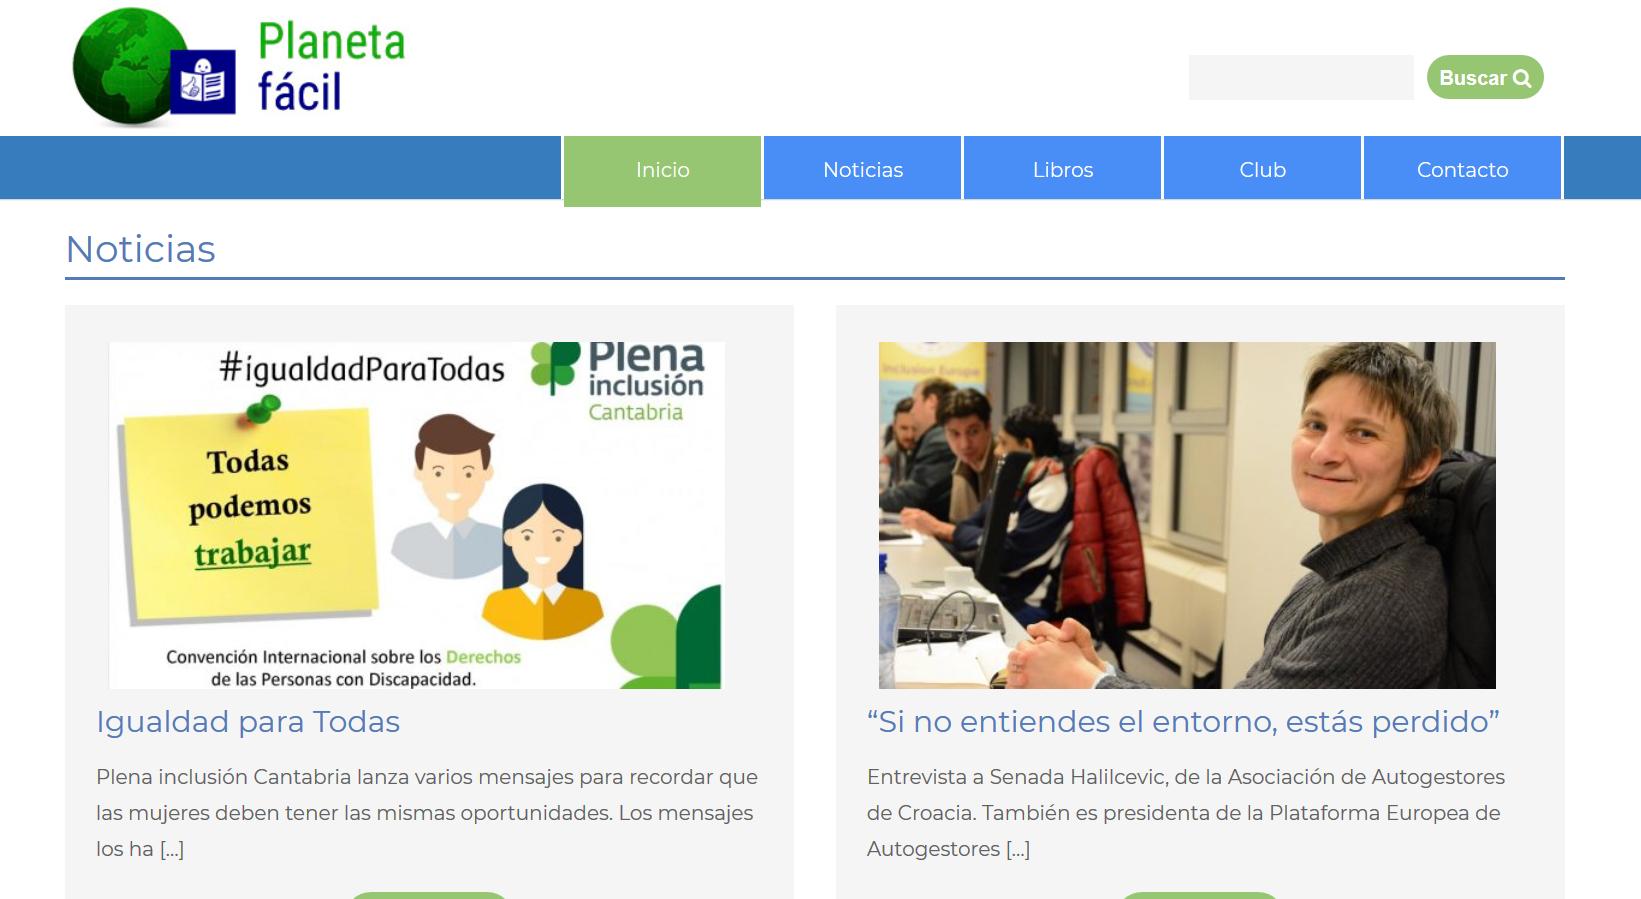 Imagen del trabajo Nueva web del proyecto Planeta Fácil de Plena Inclusión